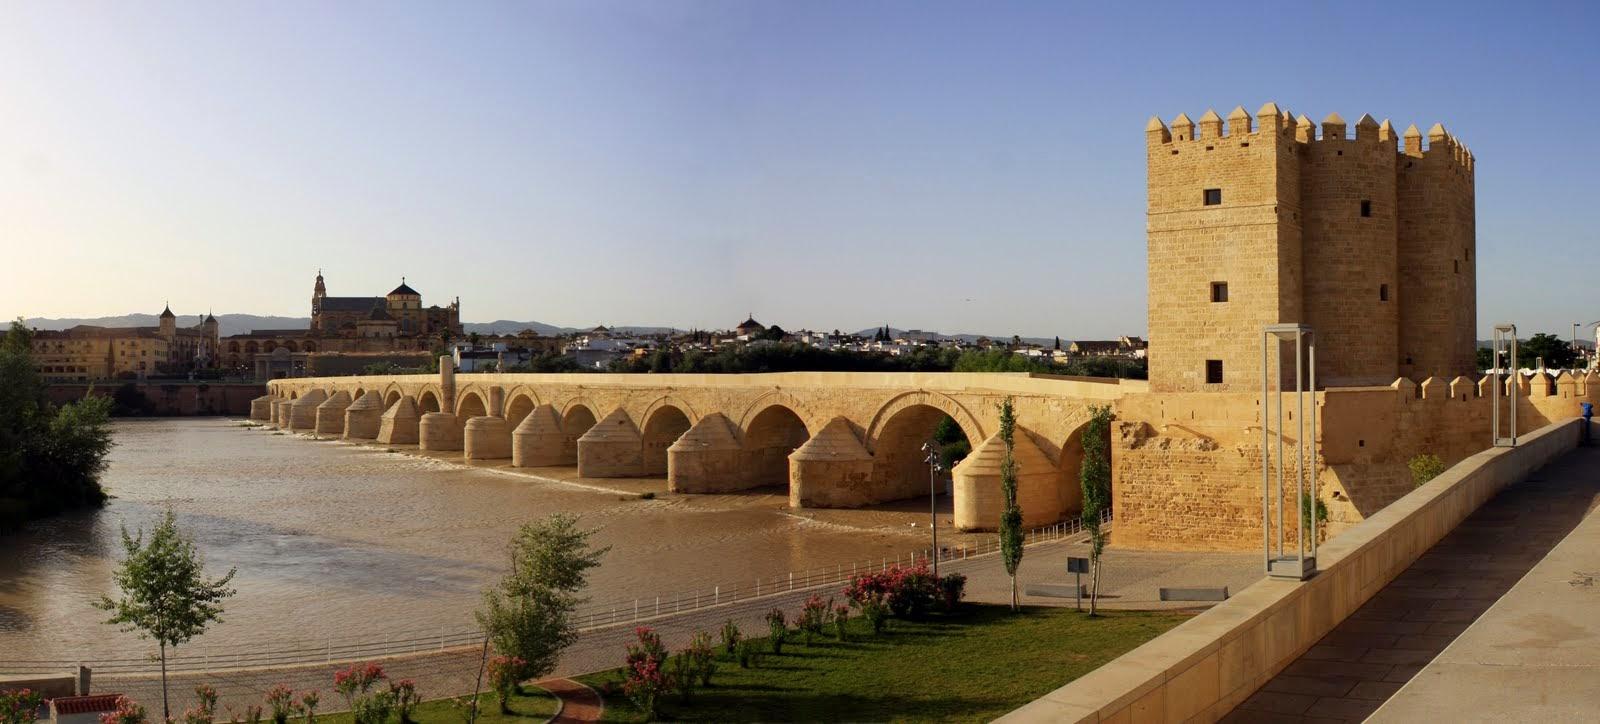 El Puente Romano y la Torre de la Calahorra en Córdoba, Andalucía